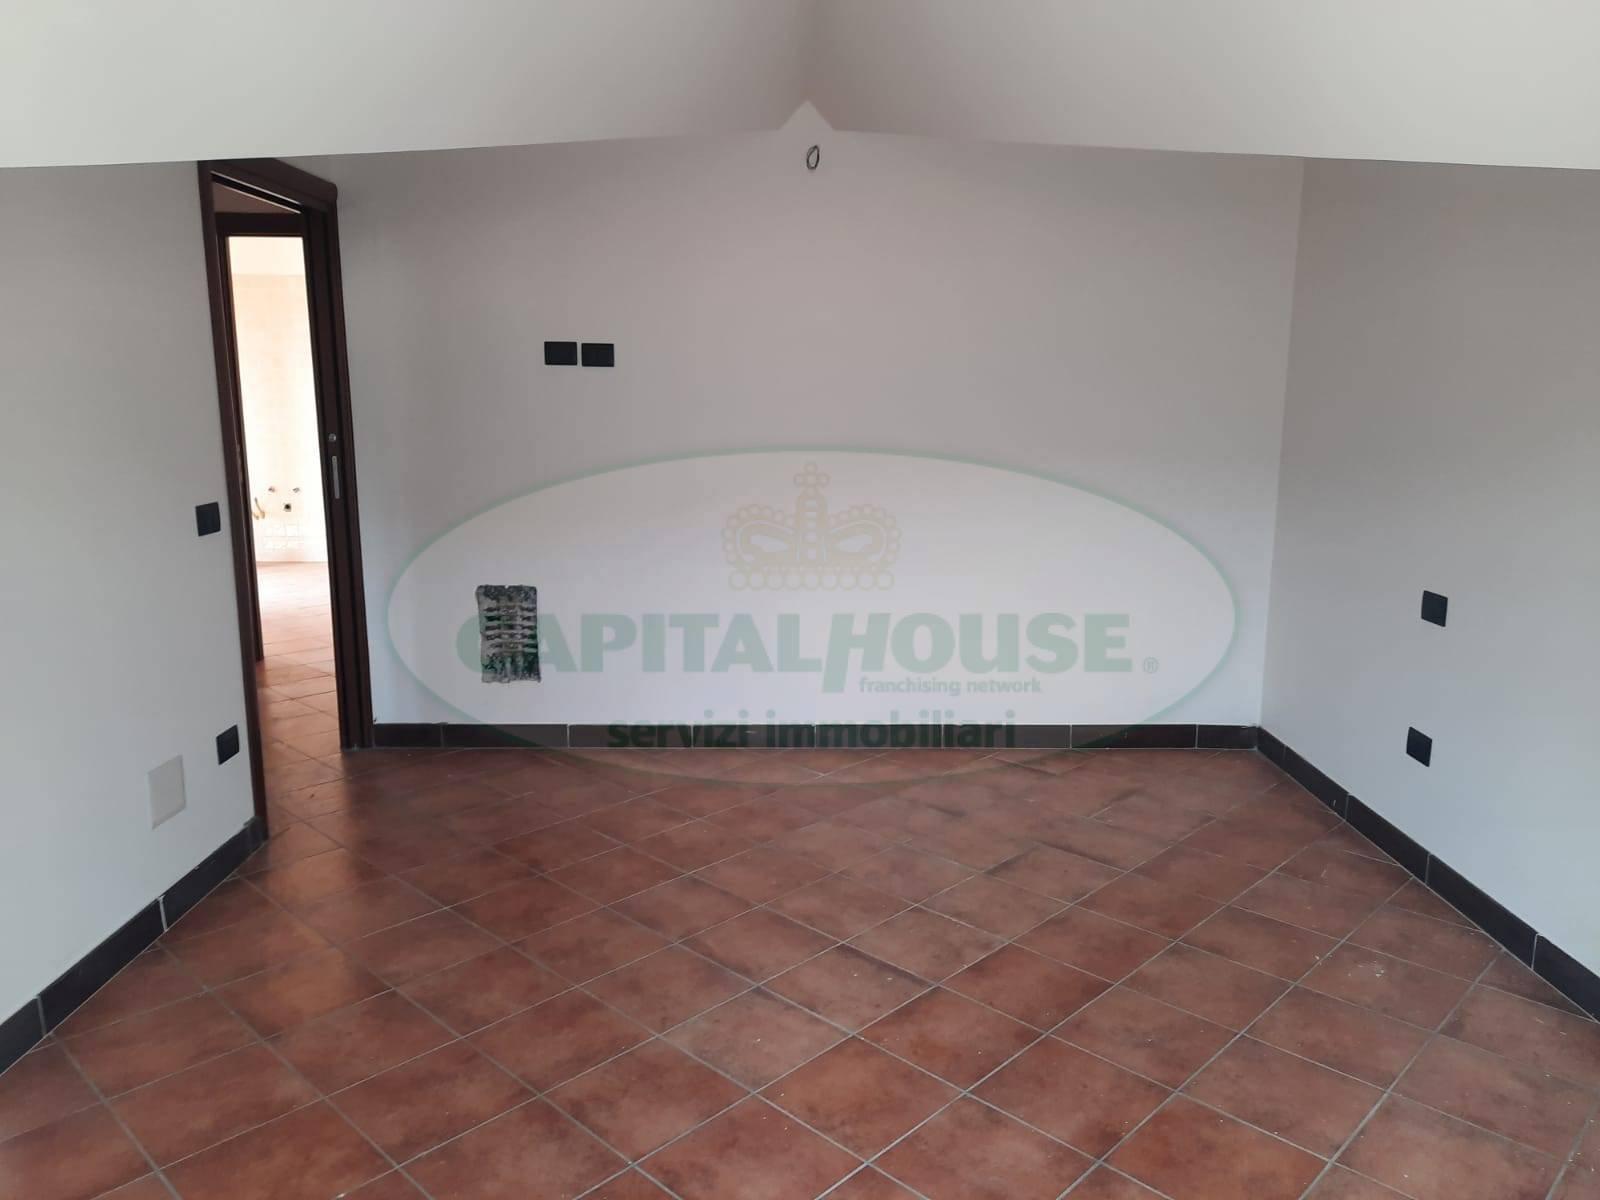 Attico / Mansarda in vendita a Santa Maria a Vico, 3 locali, zona Località: SanMarco, prezzo € 75.000 | PortaleAgenzieImmobiliari.it